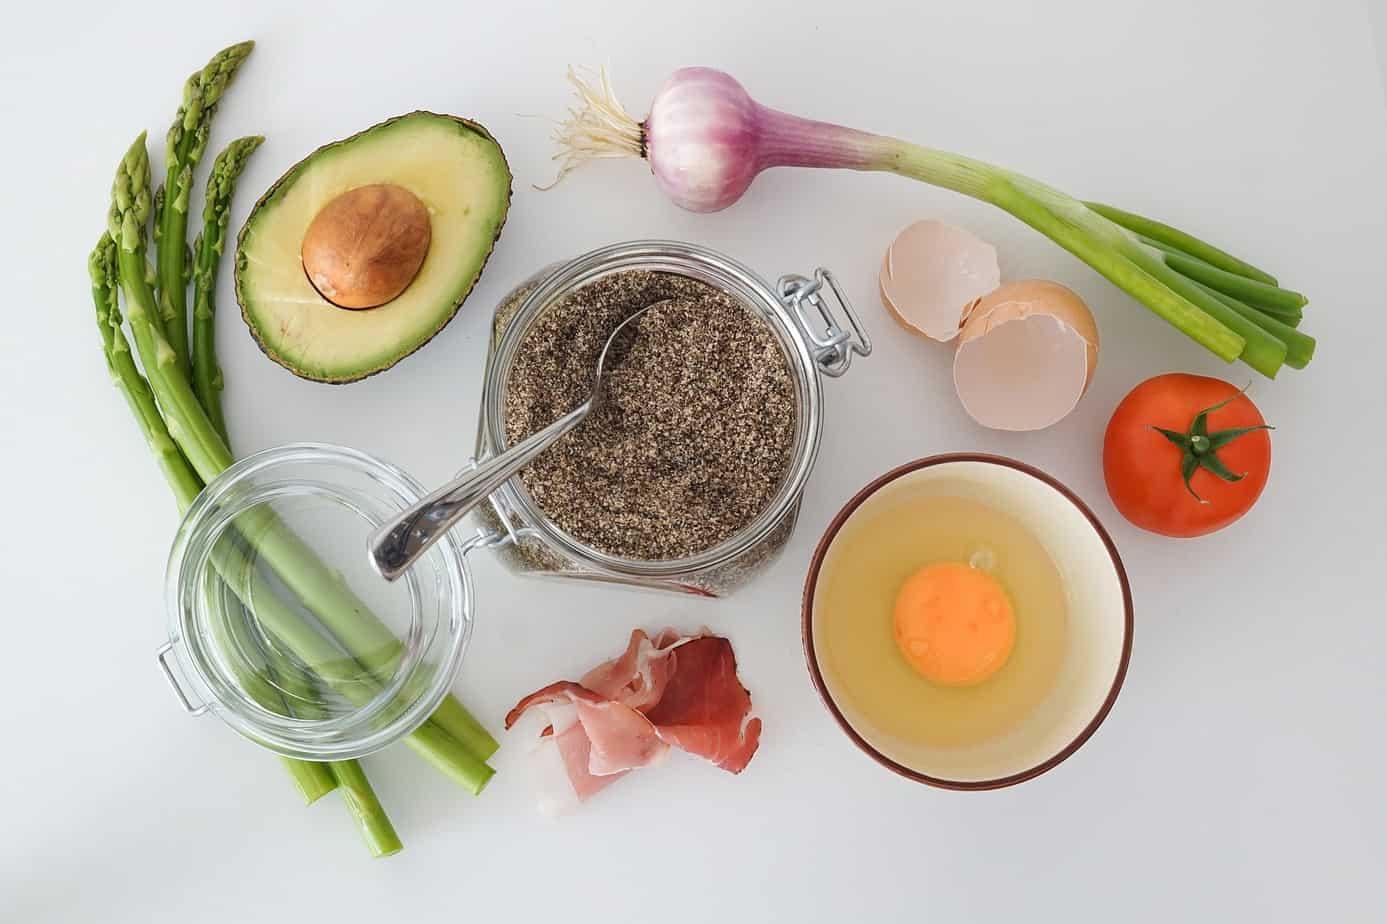 avocado, fresh asparagus, garlic, egg, tomato